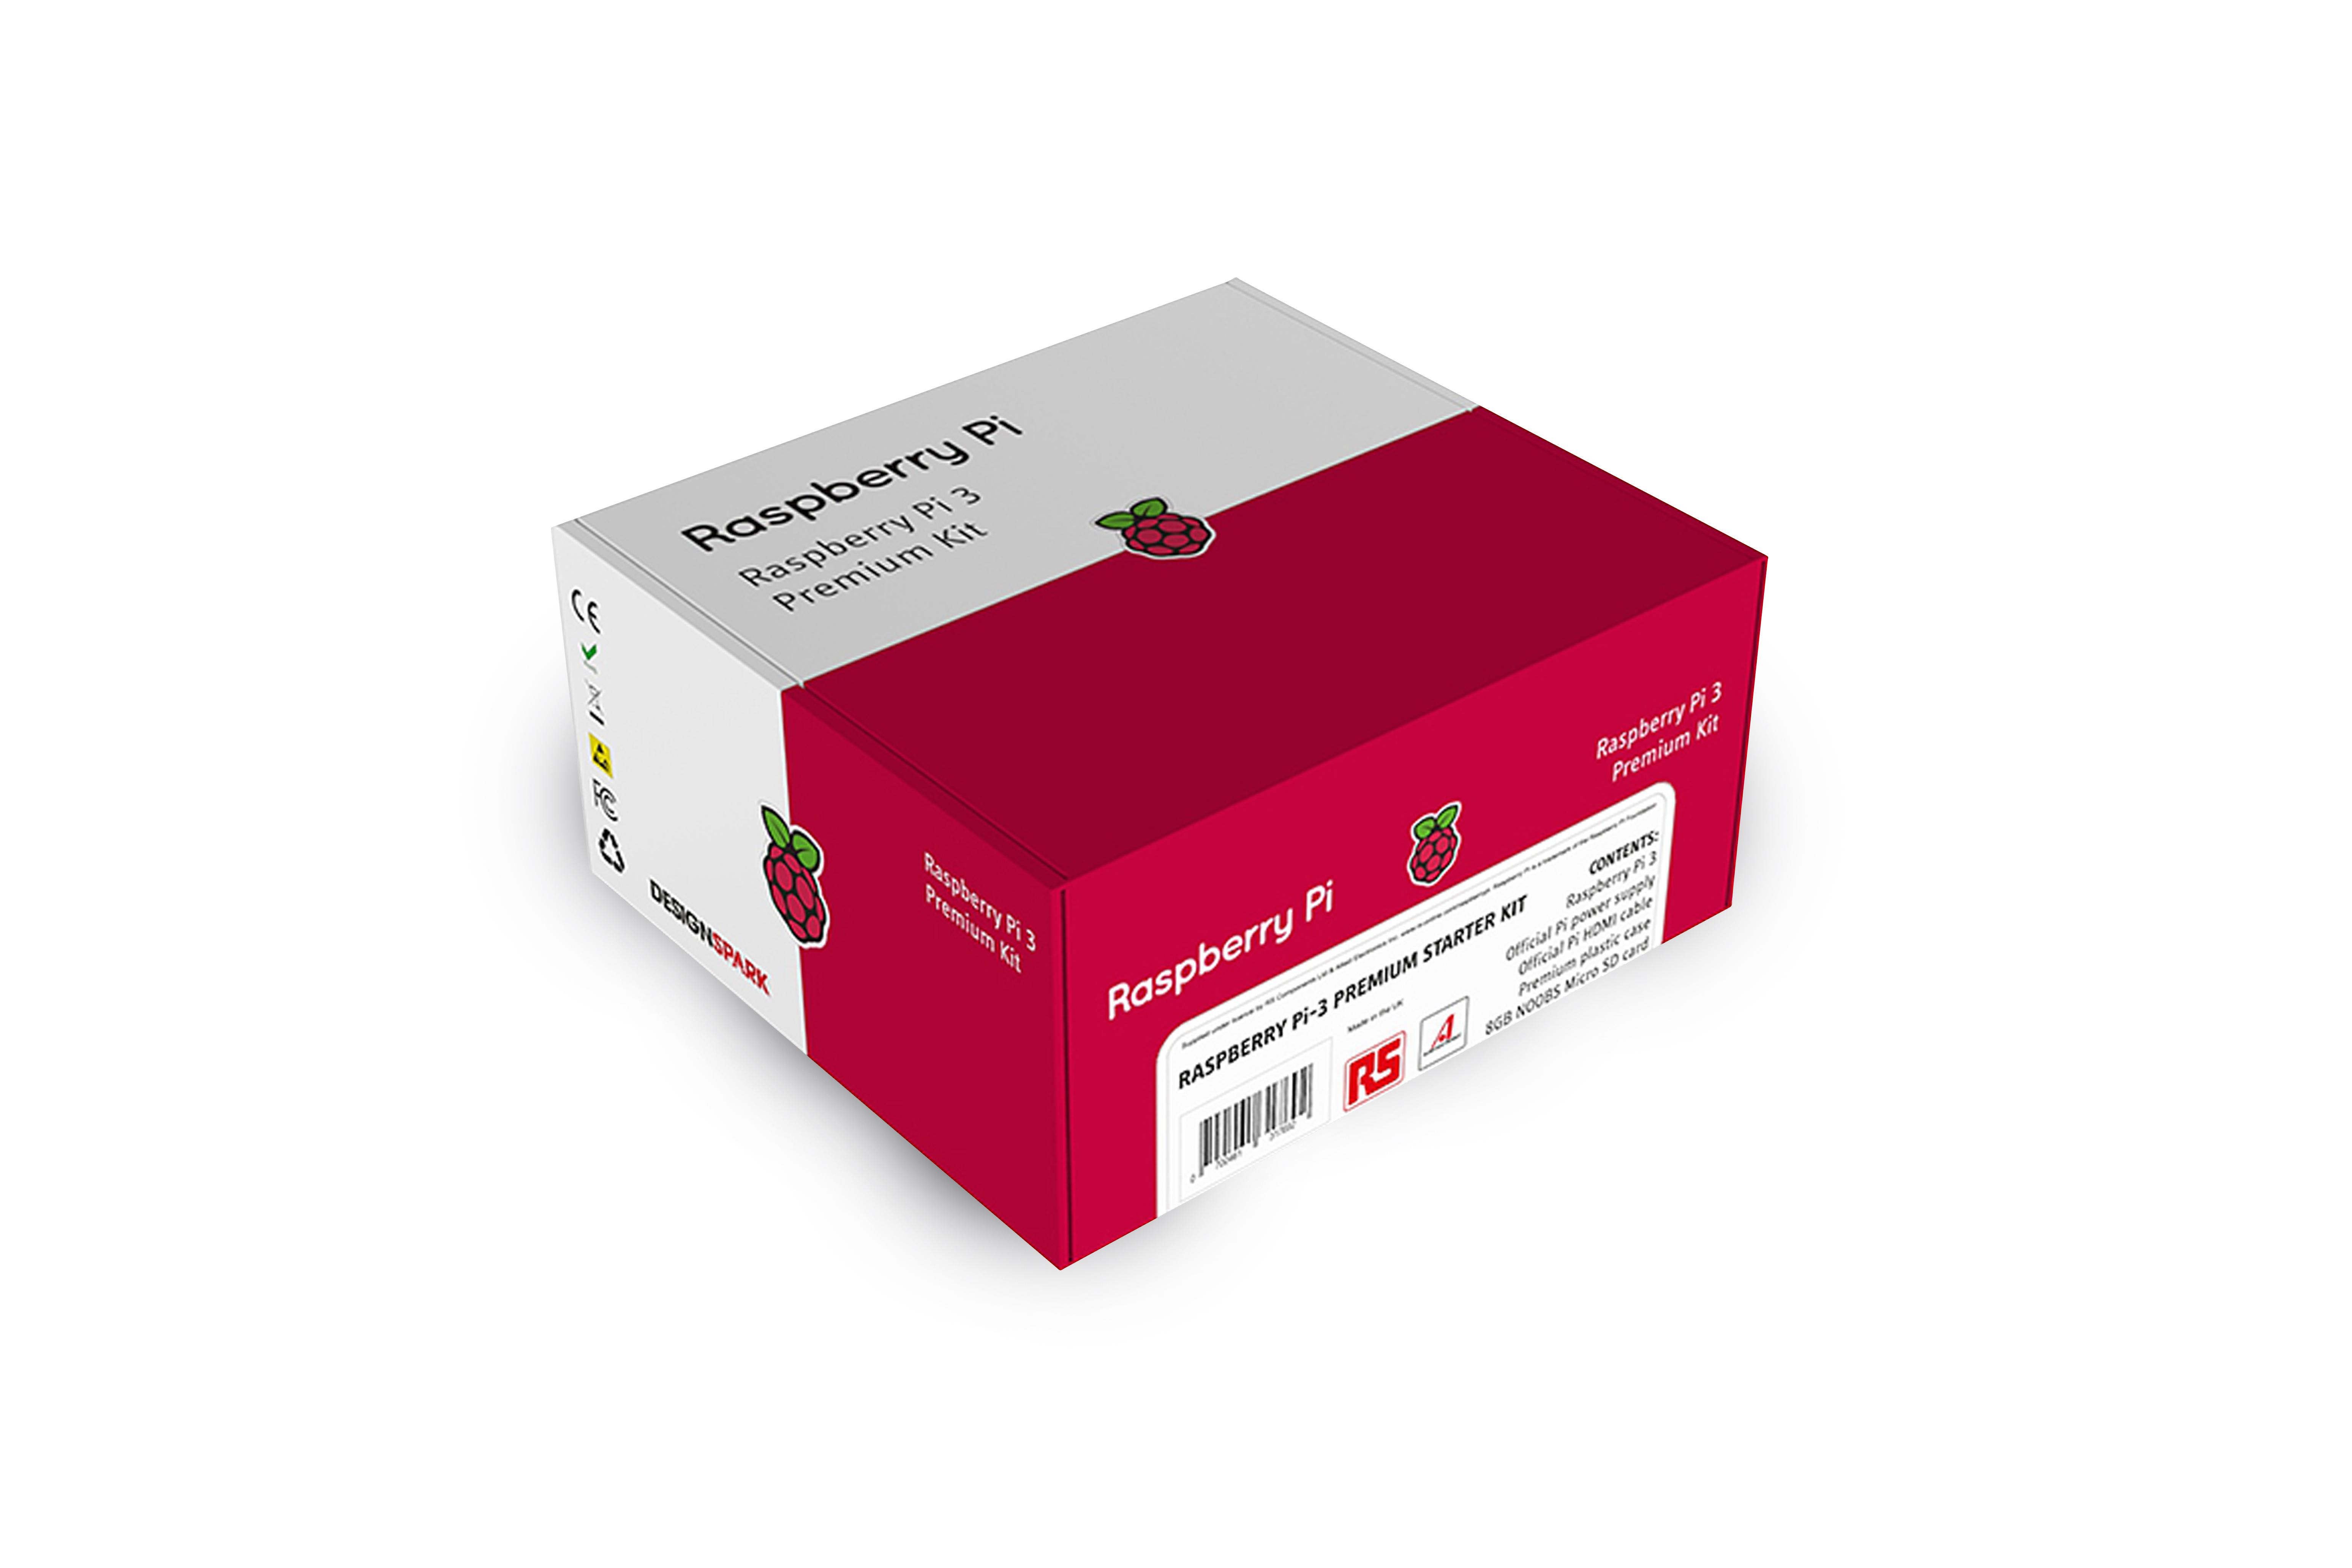 Kit 3B+ Premium pourRaspberry Pi